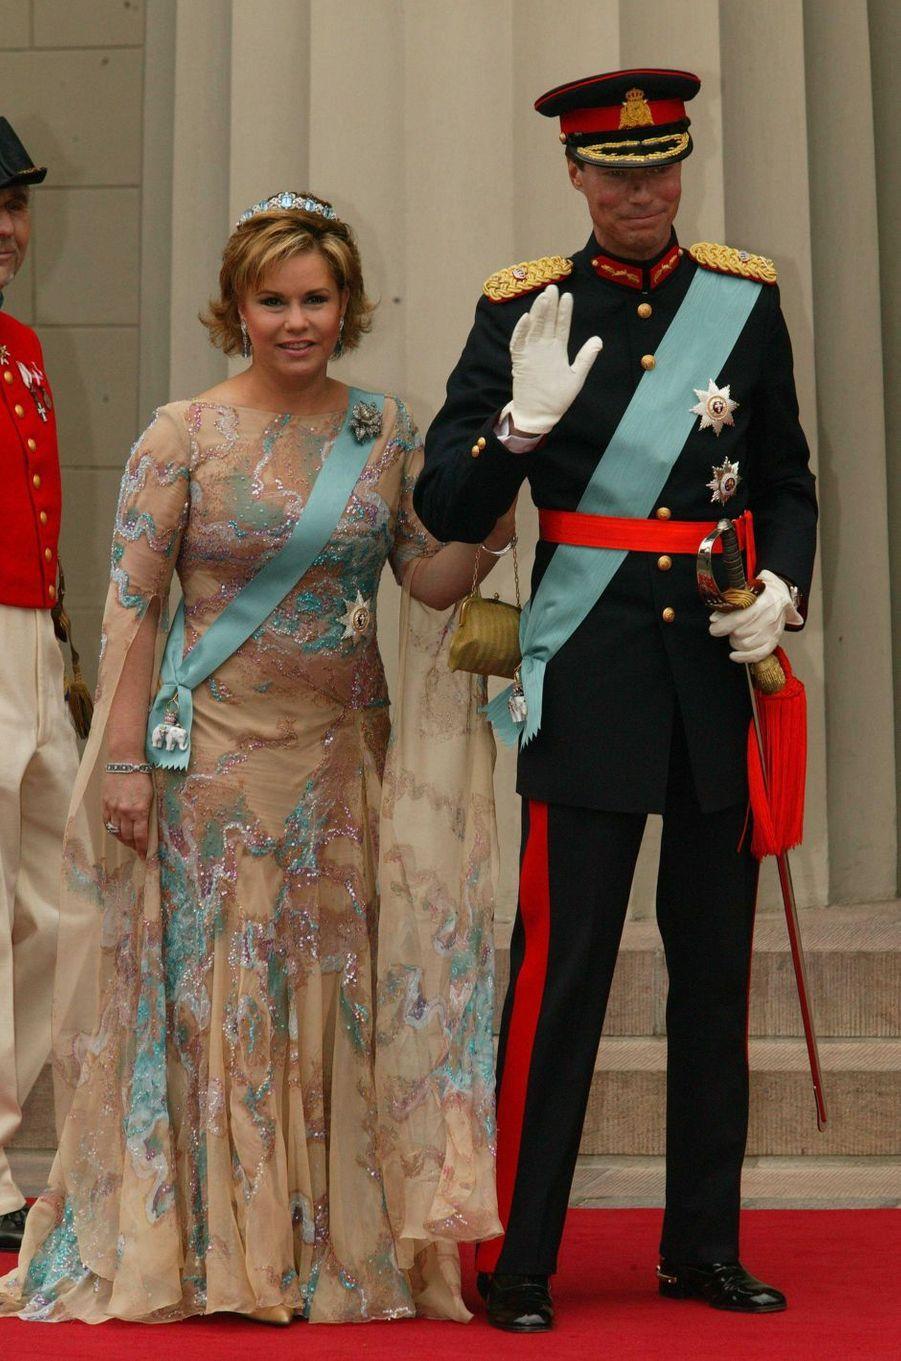 La grande-duchesse Maria Teresa et le grand-duc Henri de Luxembourg à Copenhague, le 14 mai 2004